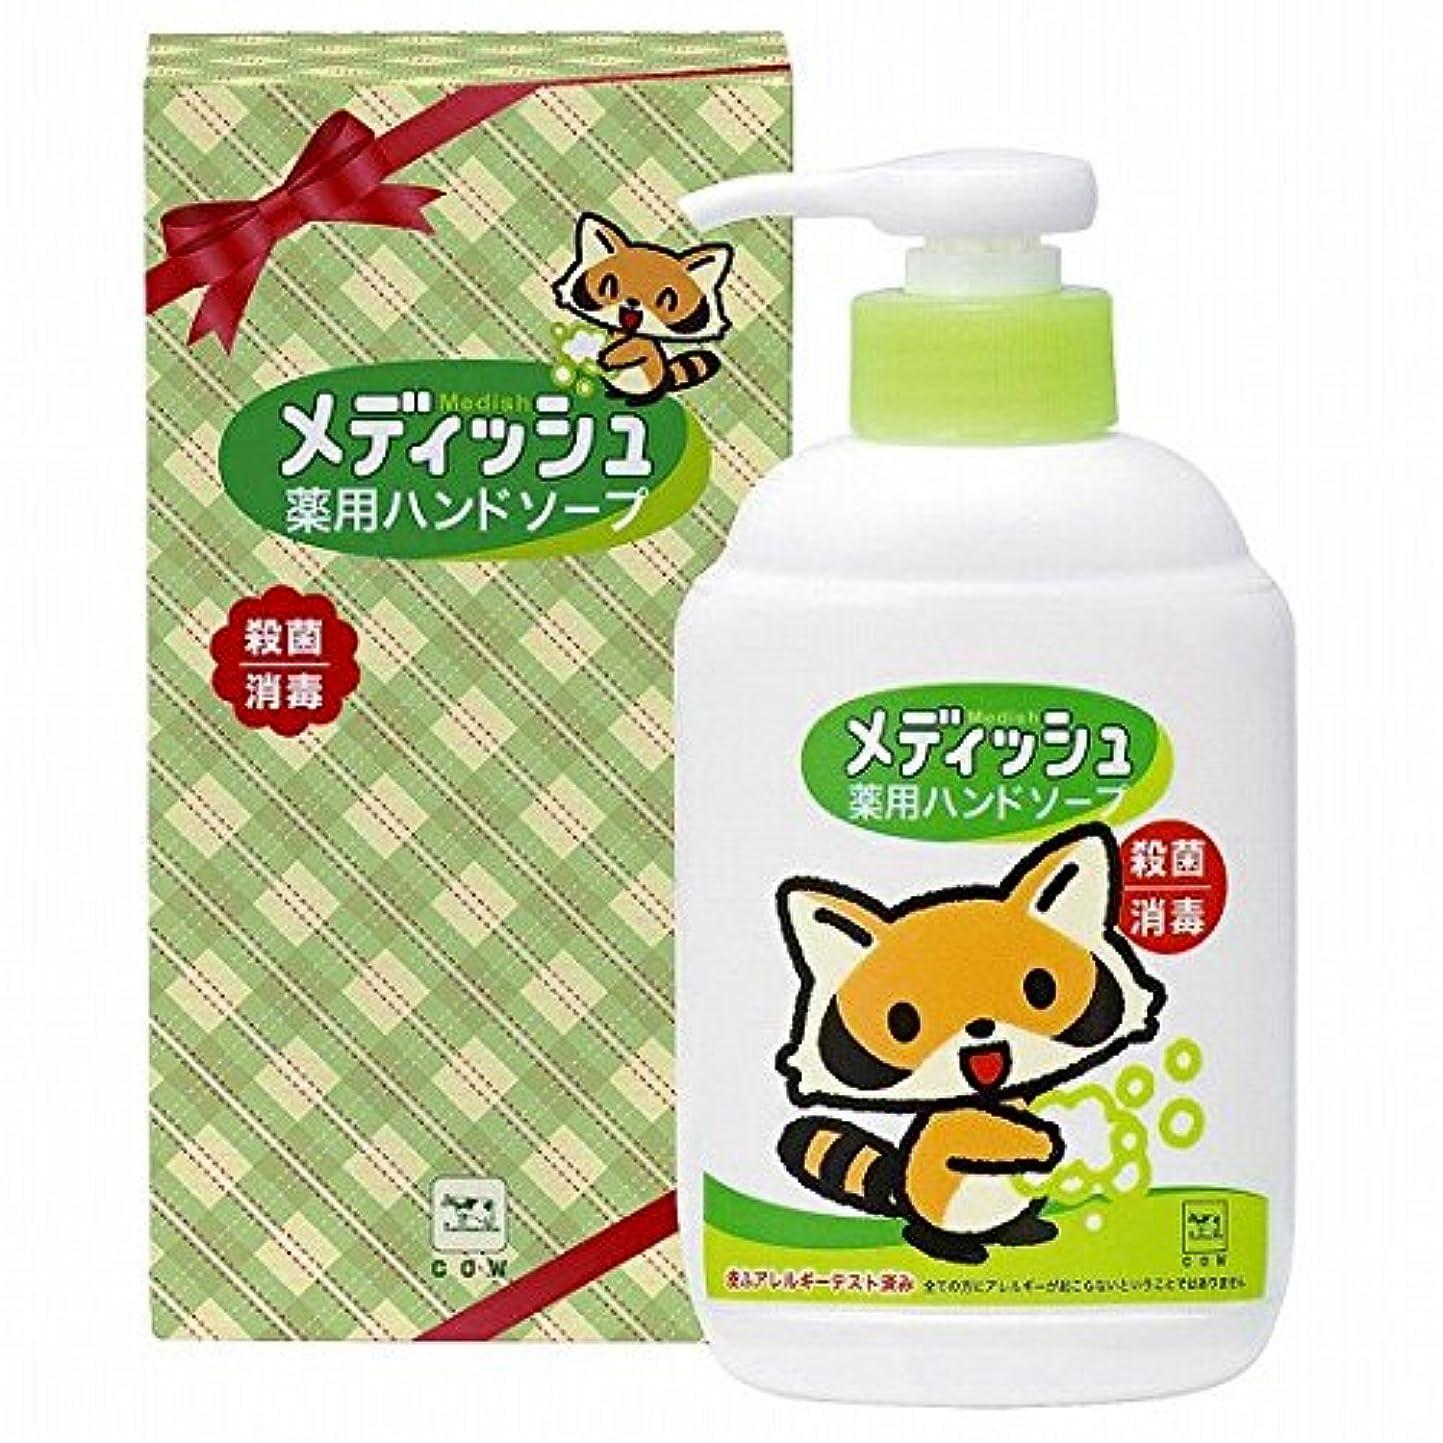 激しい所得ジムnobrand 牛乳石鹸 メディッシュ 薬用ハンドソープ 250ml 箱入(MS35)